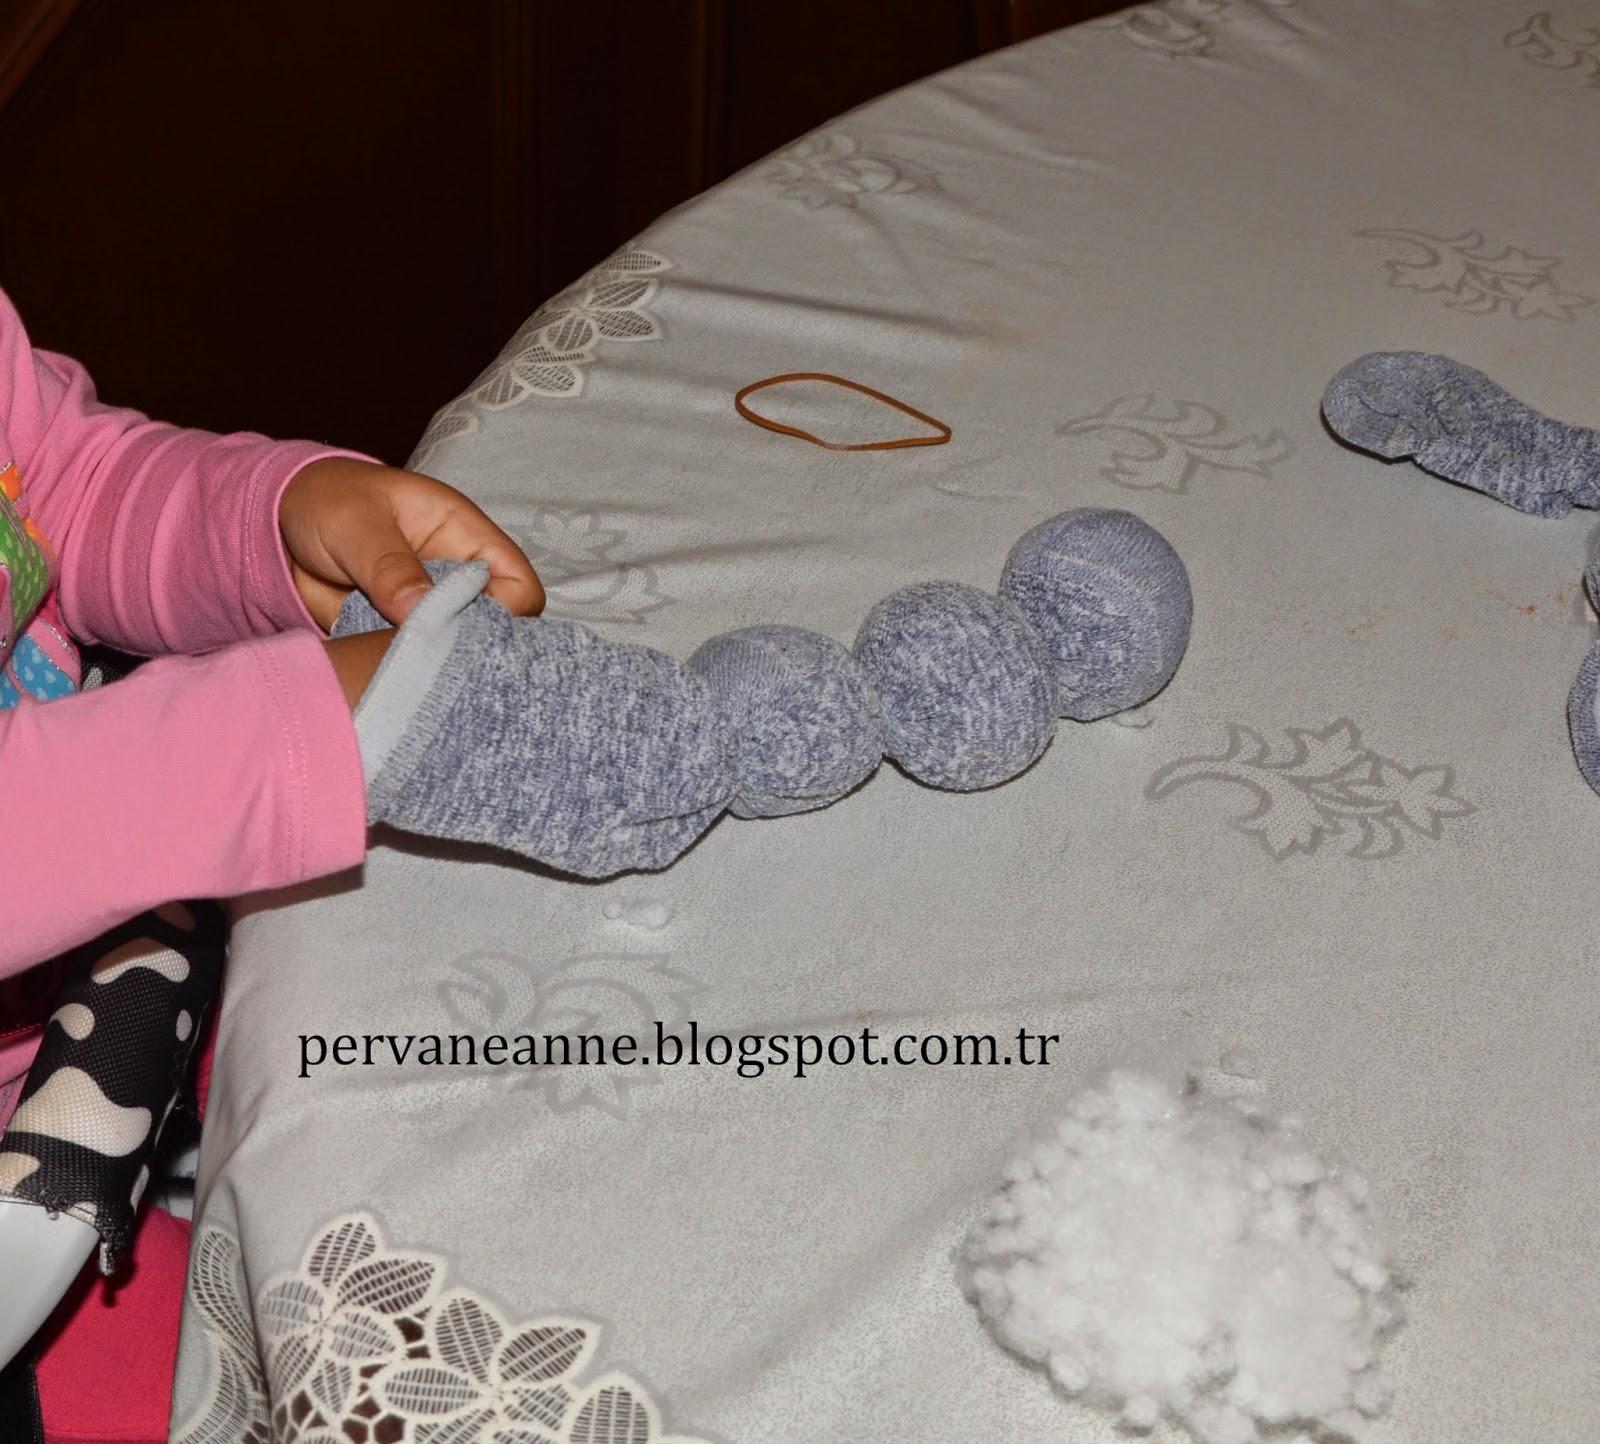 Çoraptan Tırtıl Nasıl Yapılır Resimli Anlatım